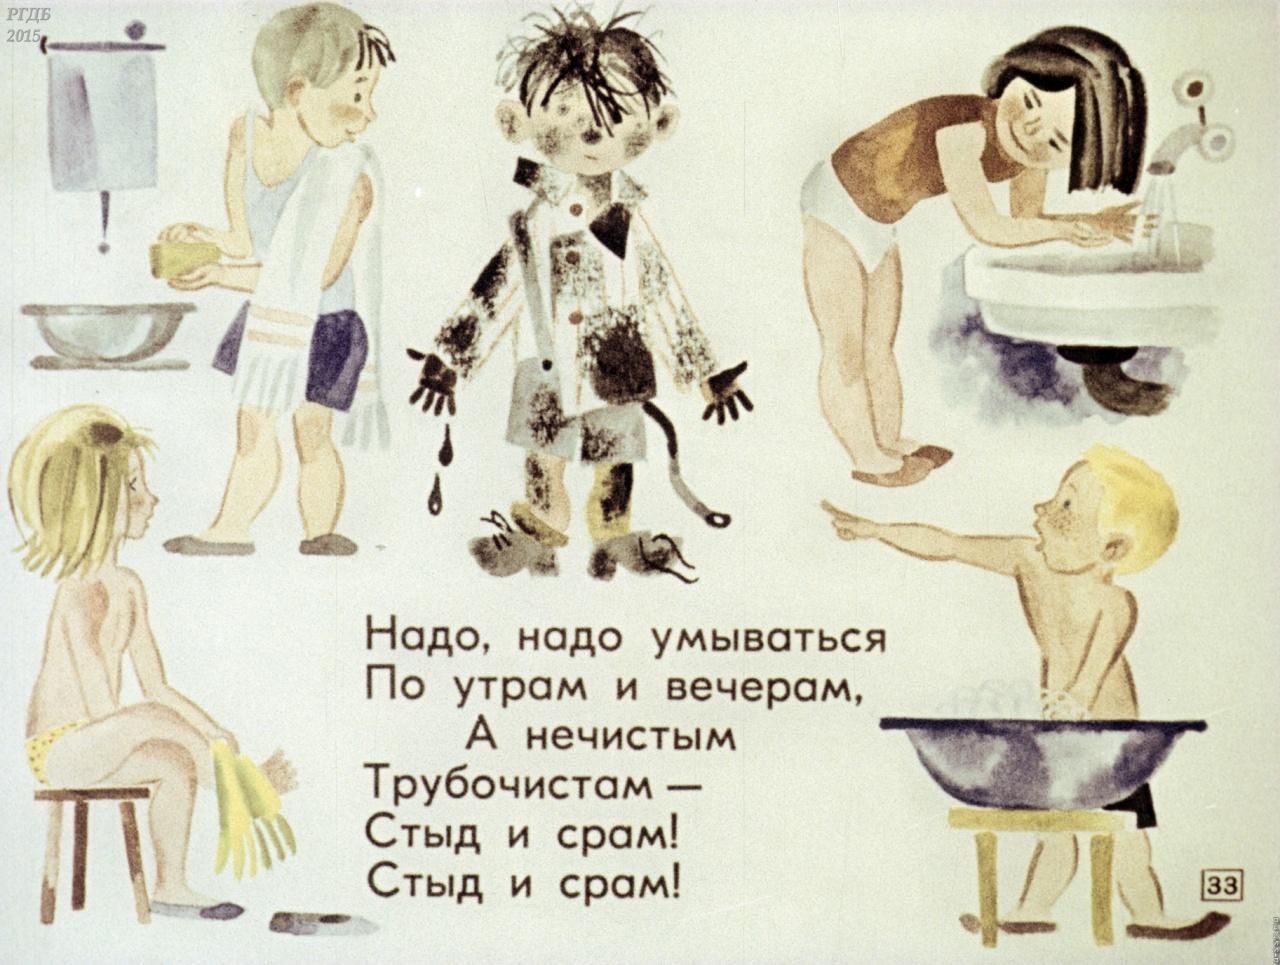 Ремонт в ванной: с чего начать и как избежать популярных ошибок